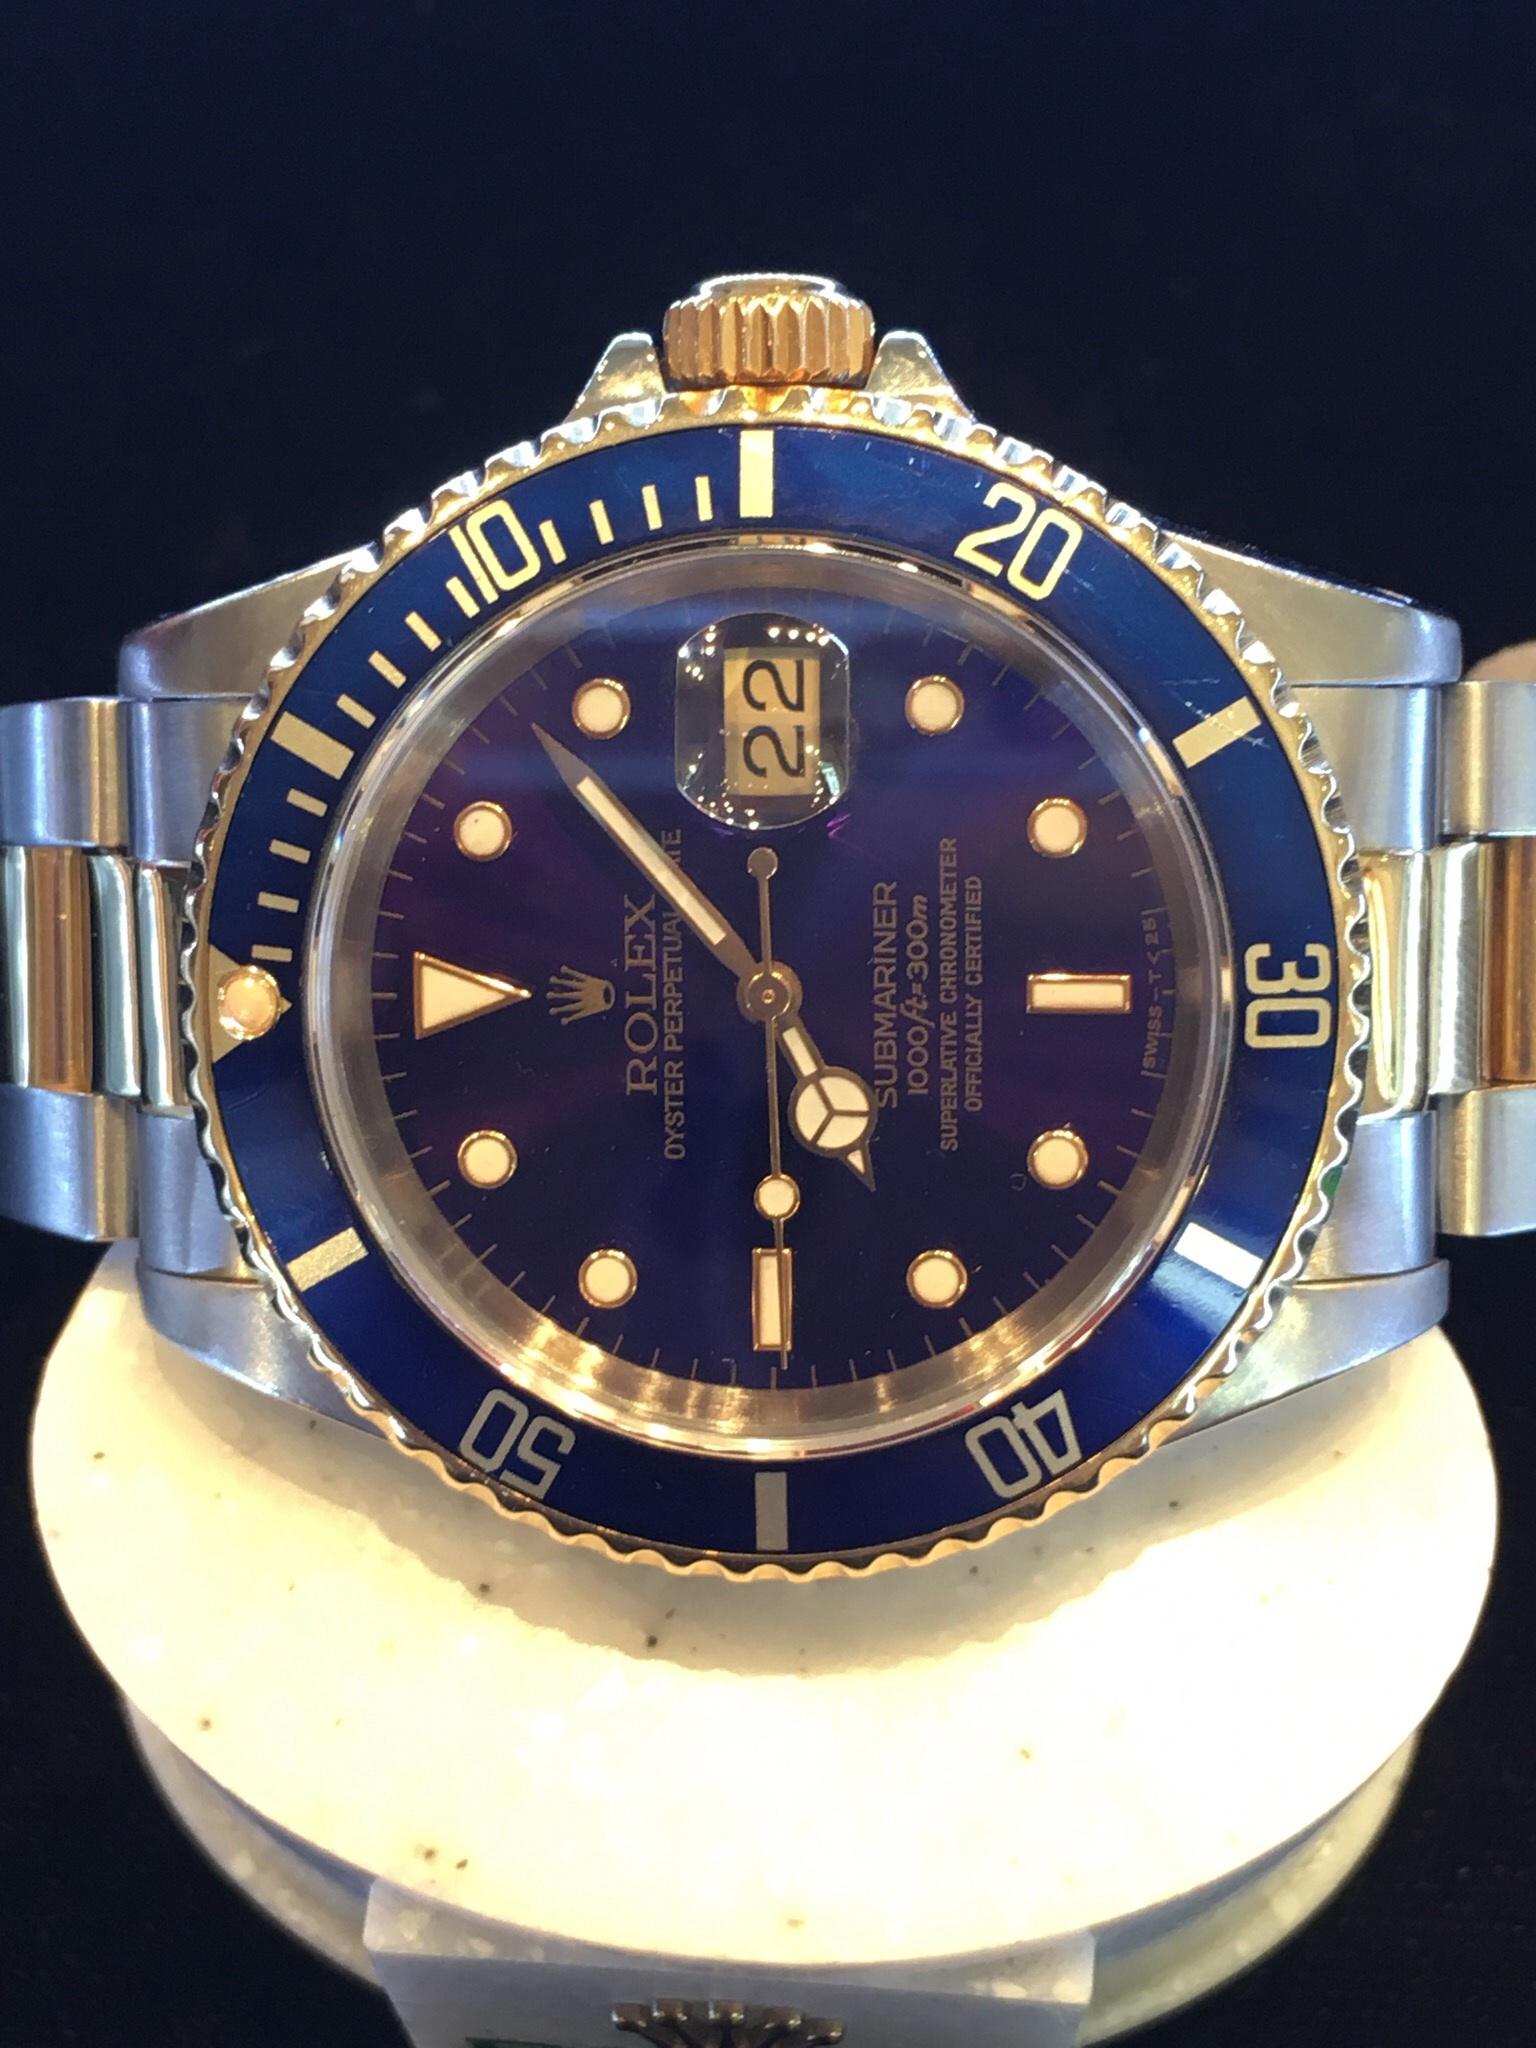 0e4672801e8 Bi-metal Rolex Oyster Perpetual Submariner Date 16613. Automatic ...